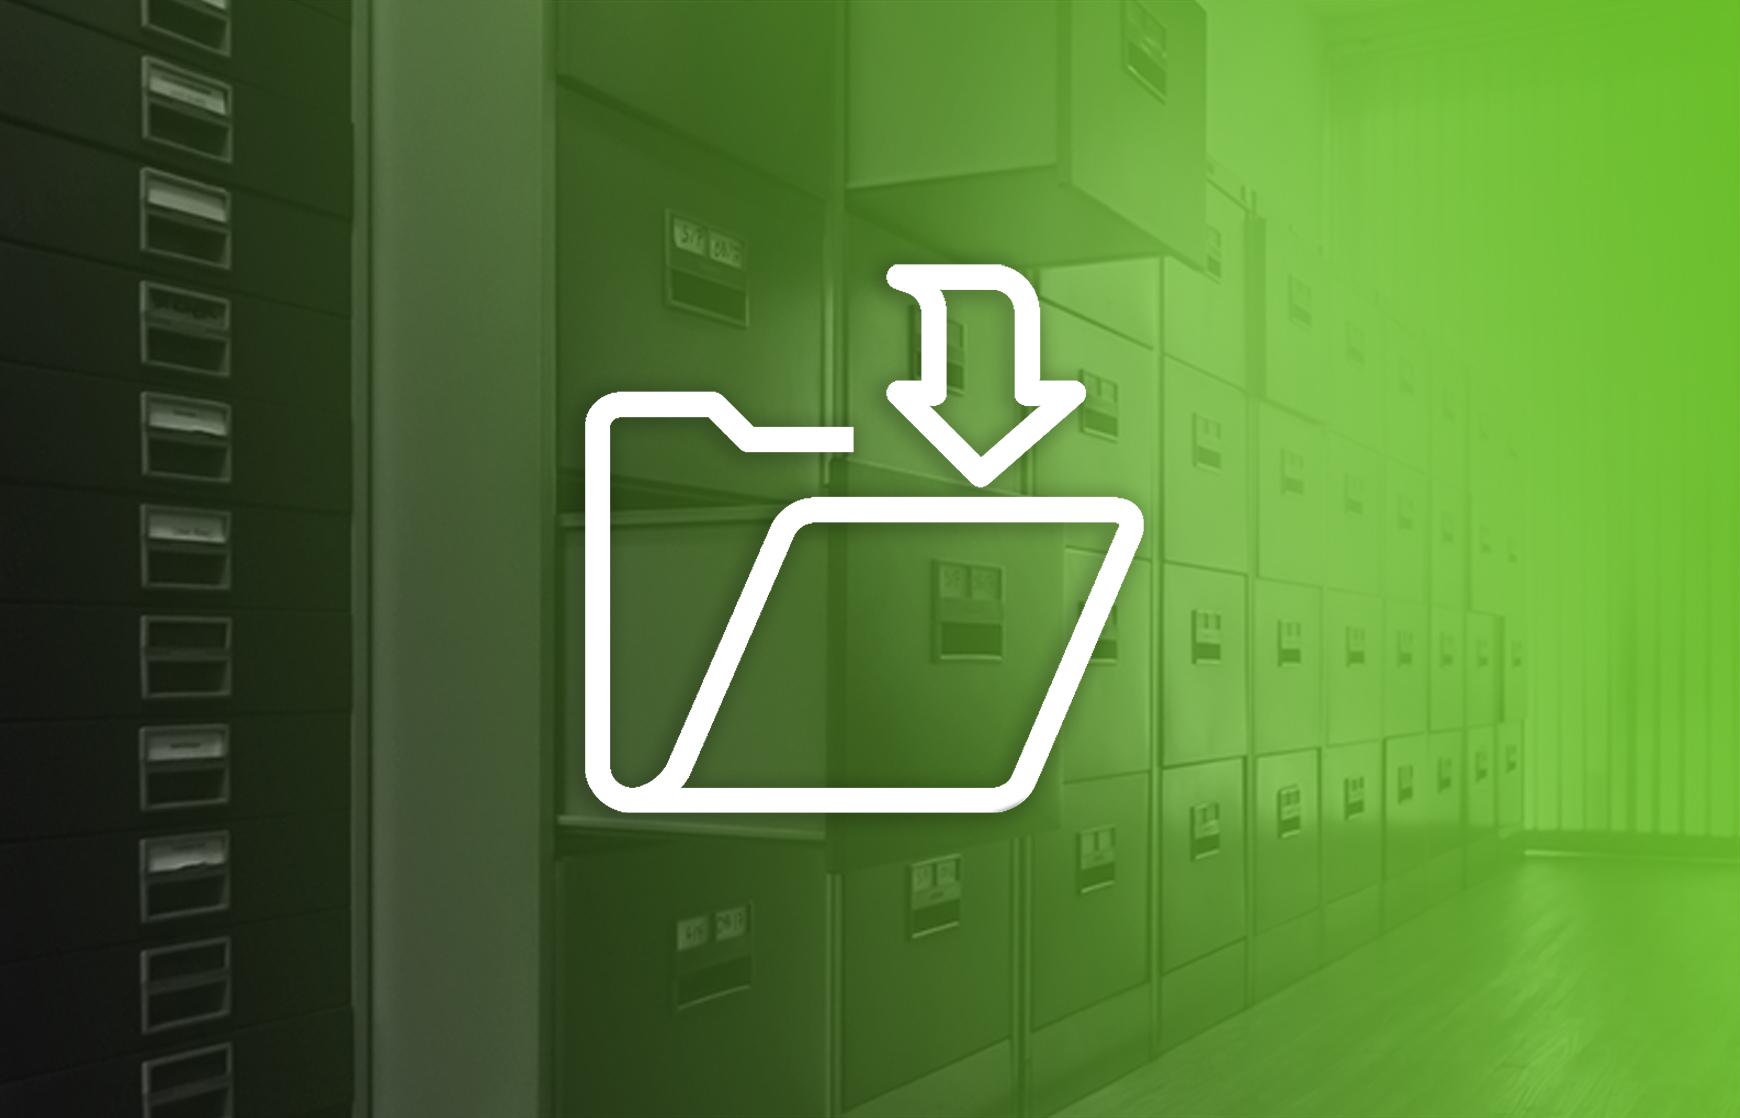 Miten yrityksessäsi hoidetaan tilaajavastuudokumenttien arkistointi?